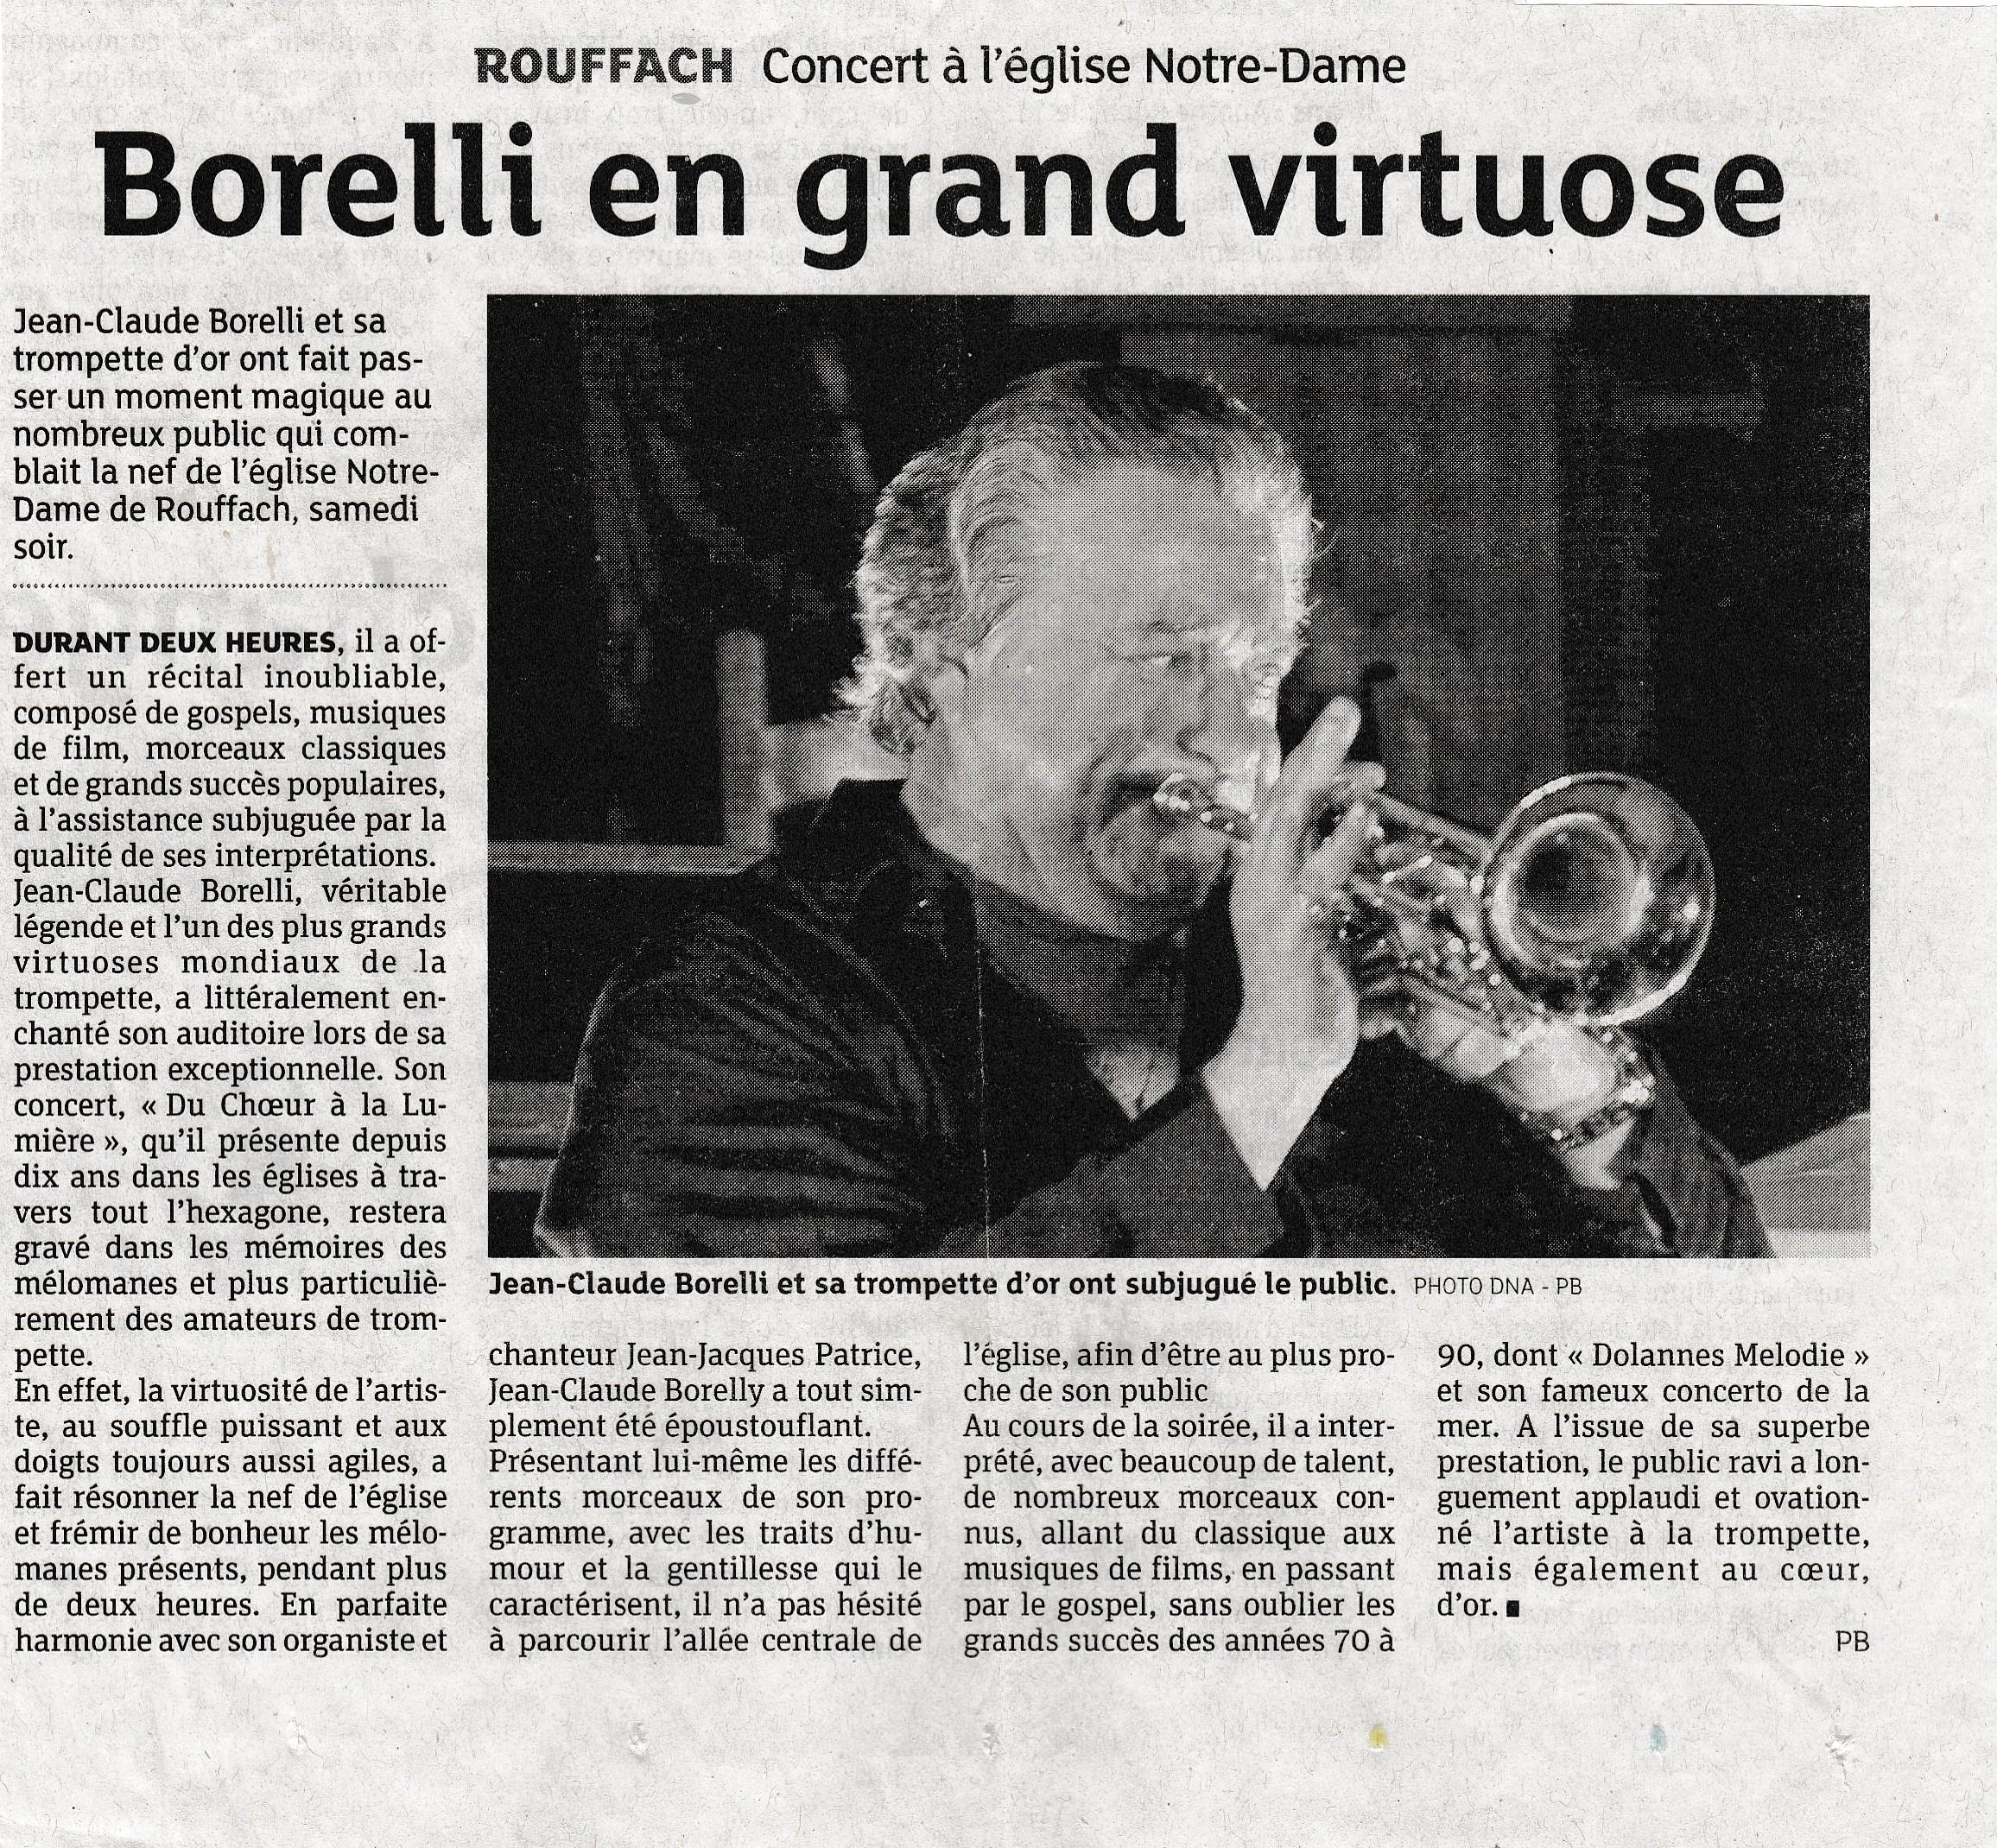 Les Dernières Nouvelles d'Alsace : Borelly en grand virtuose